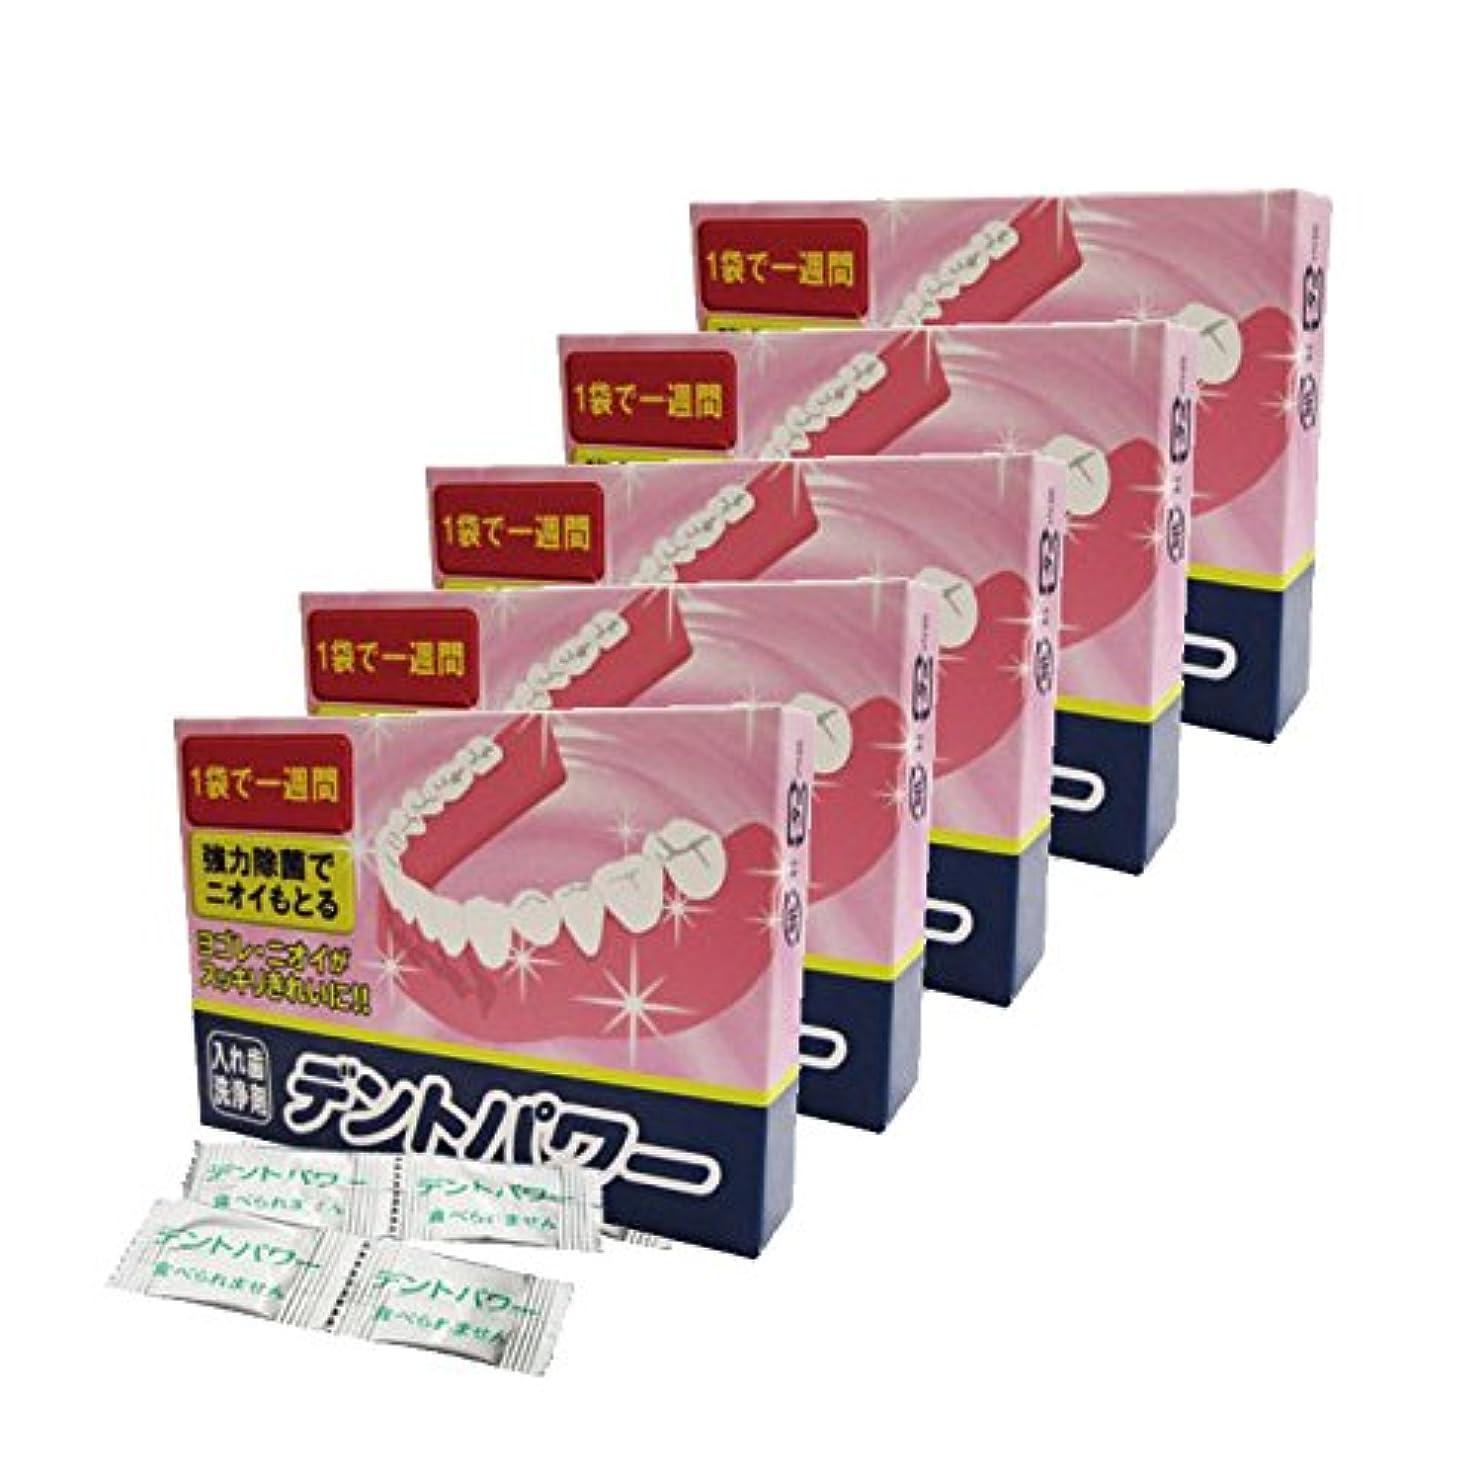 慢なクリア役職デントパワー 入れ歯洗浄剤 5ヵ月用x5個セット